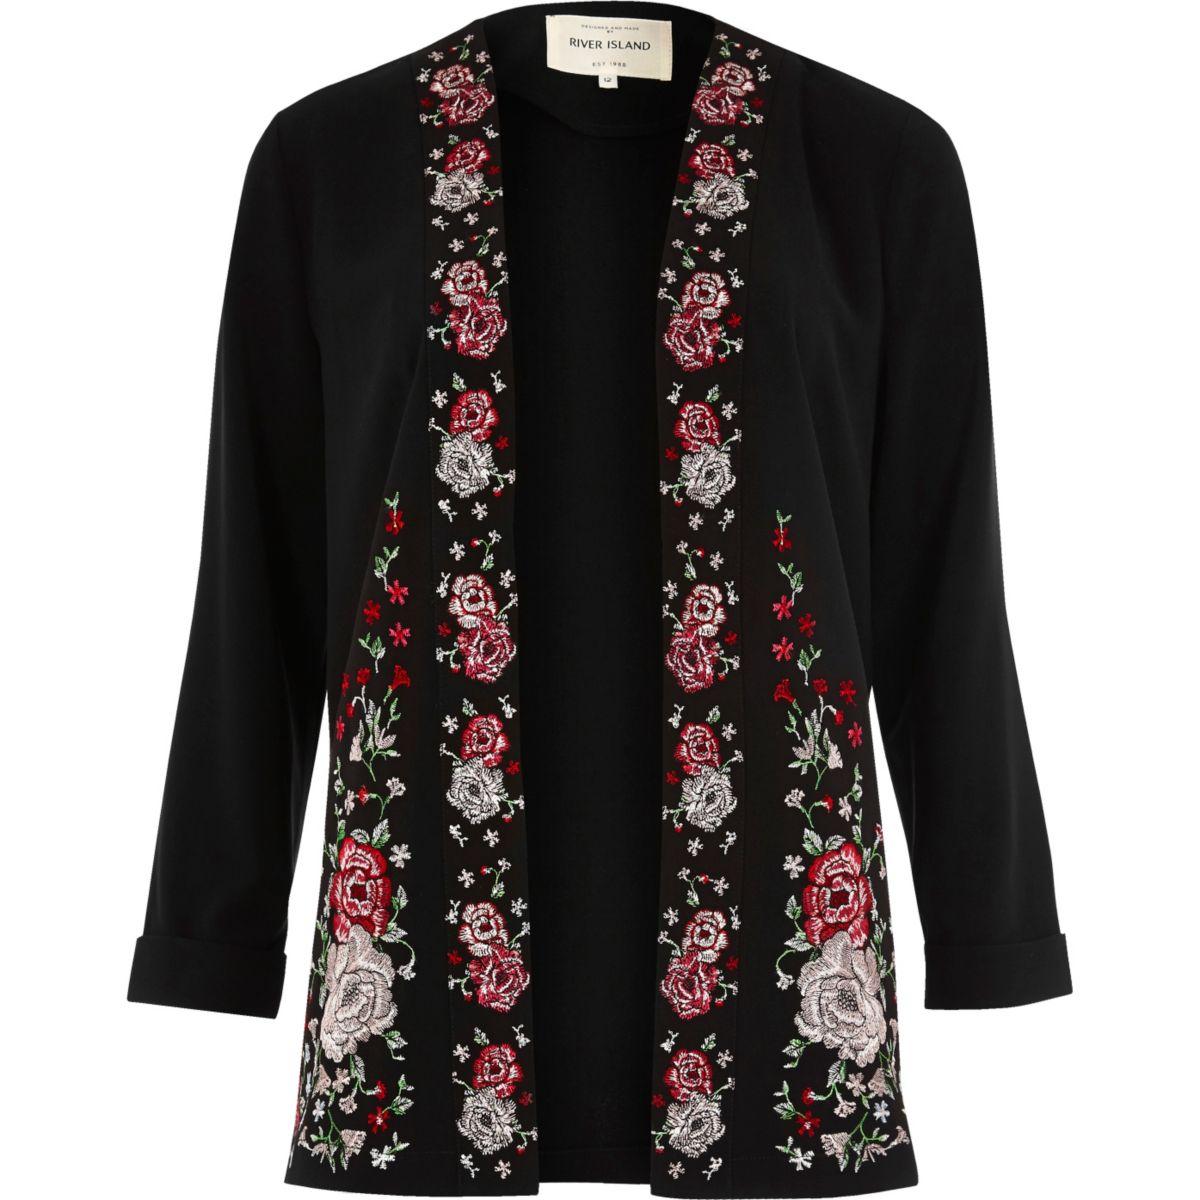 Manteau long noir à fleurs brodées